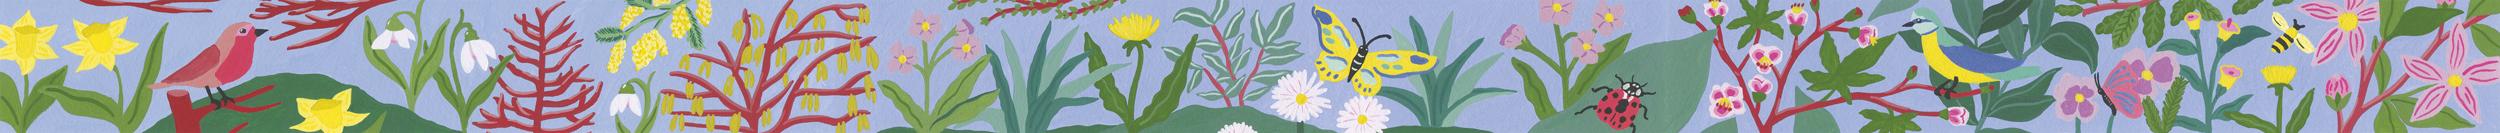 La petite fabrique - Edition - illustration - Marie Pellet - presse - éditorial - printemps - nature - guetteur de printemps - plantes - fleurs - insectes - oiseaux - forêts - frise - motifs